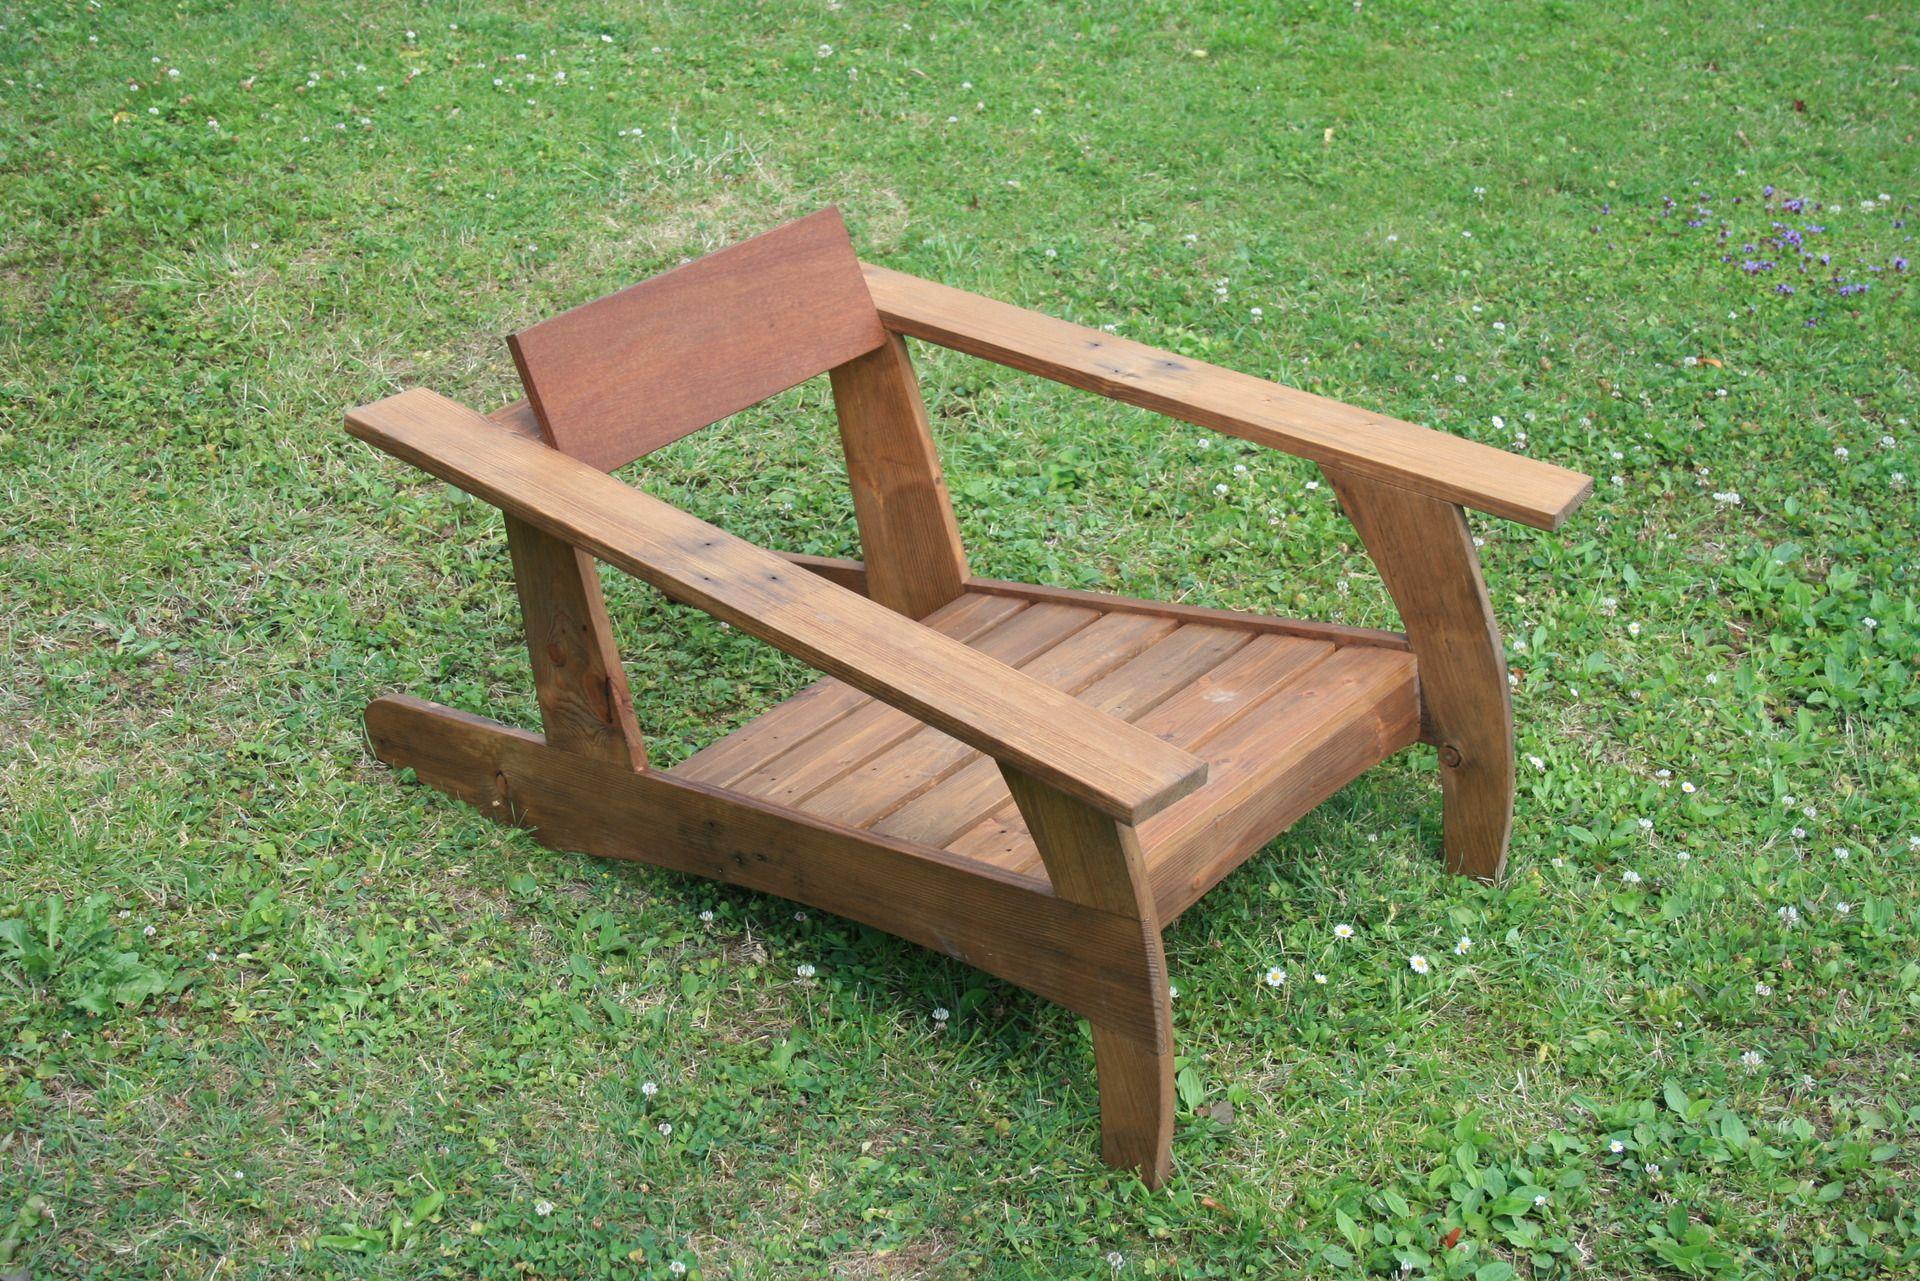 Chaise en bois de palette design ann e 30 projets essayer en 2019 chaises bois mobilier - Chaise bois flotte ...